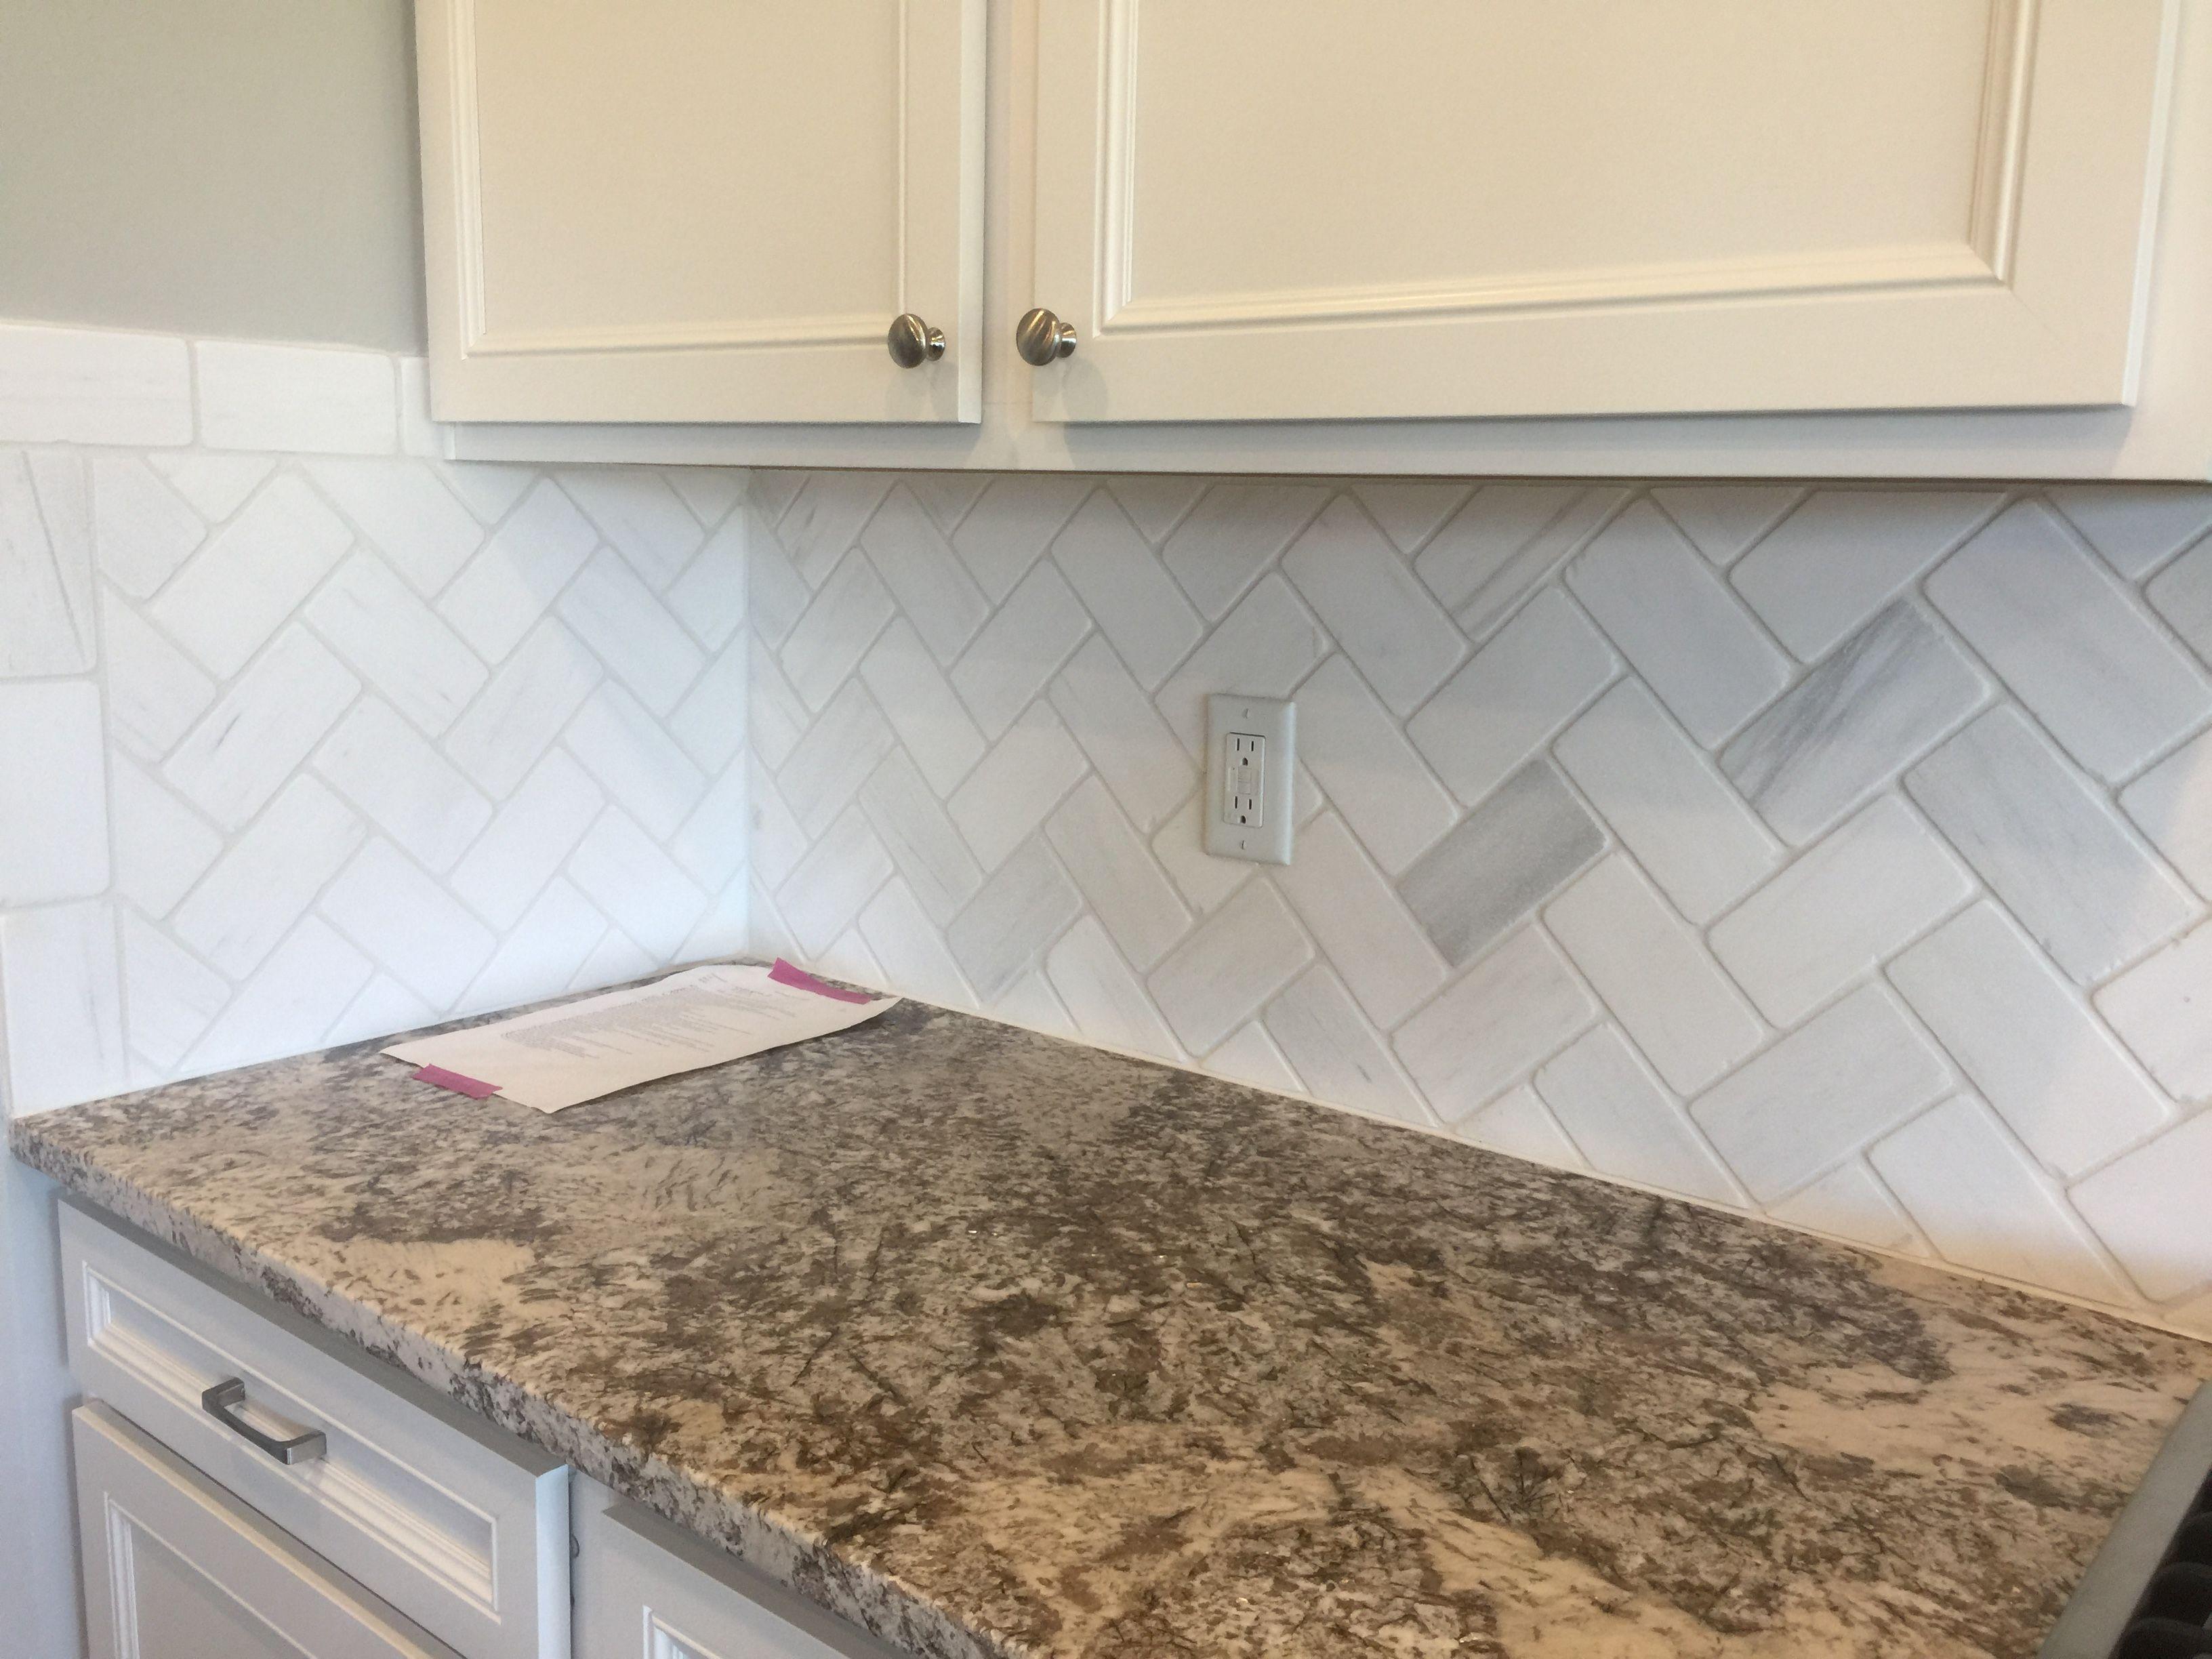 Marble Contempo White Tumbled 3x6 Backsplash Tile In Herringbone Pattern 3x6 Herringbone Backsplash Herringbone Tile Marble Herringbone Tile